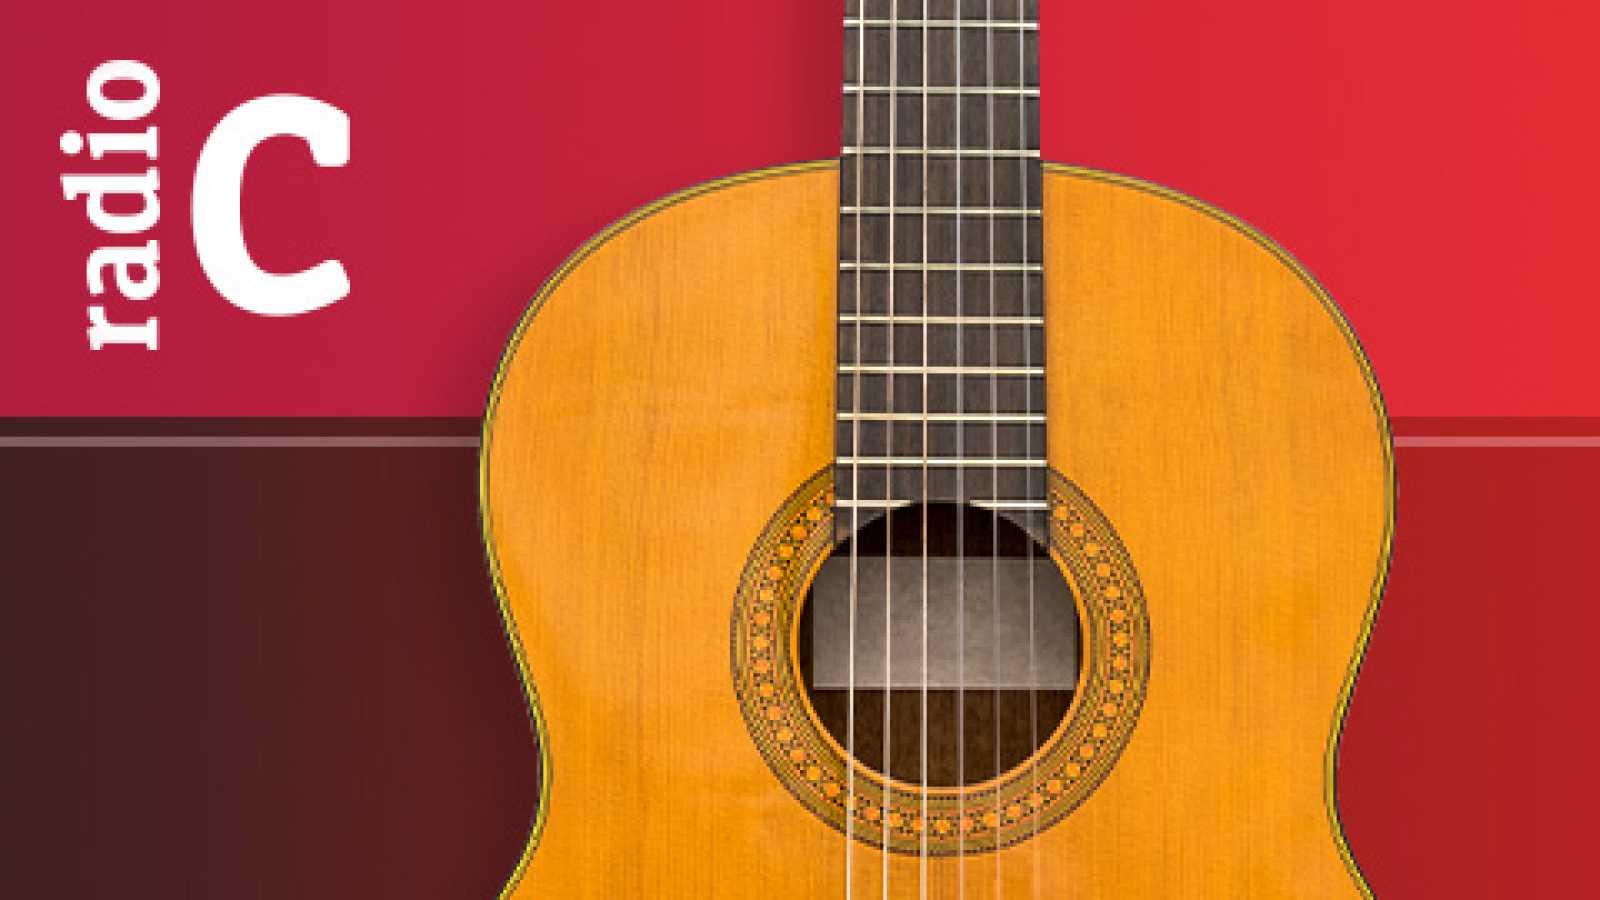 La guitarra - Miguel Llobet, en el 140 aniversario de su nacimiento (II) - 11/11/18 - escuchar ahora